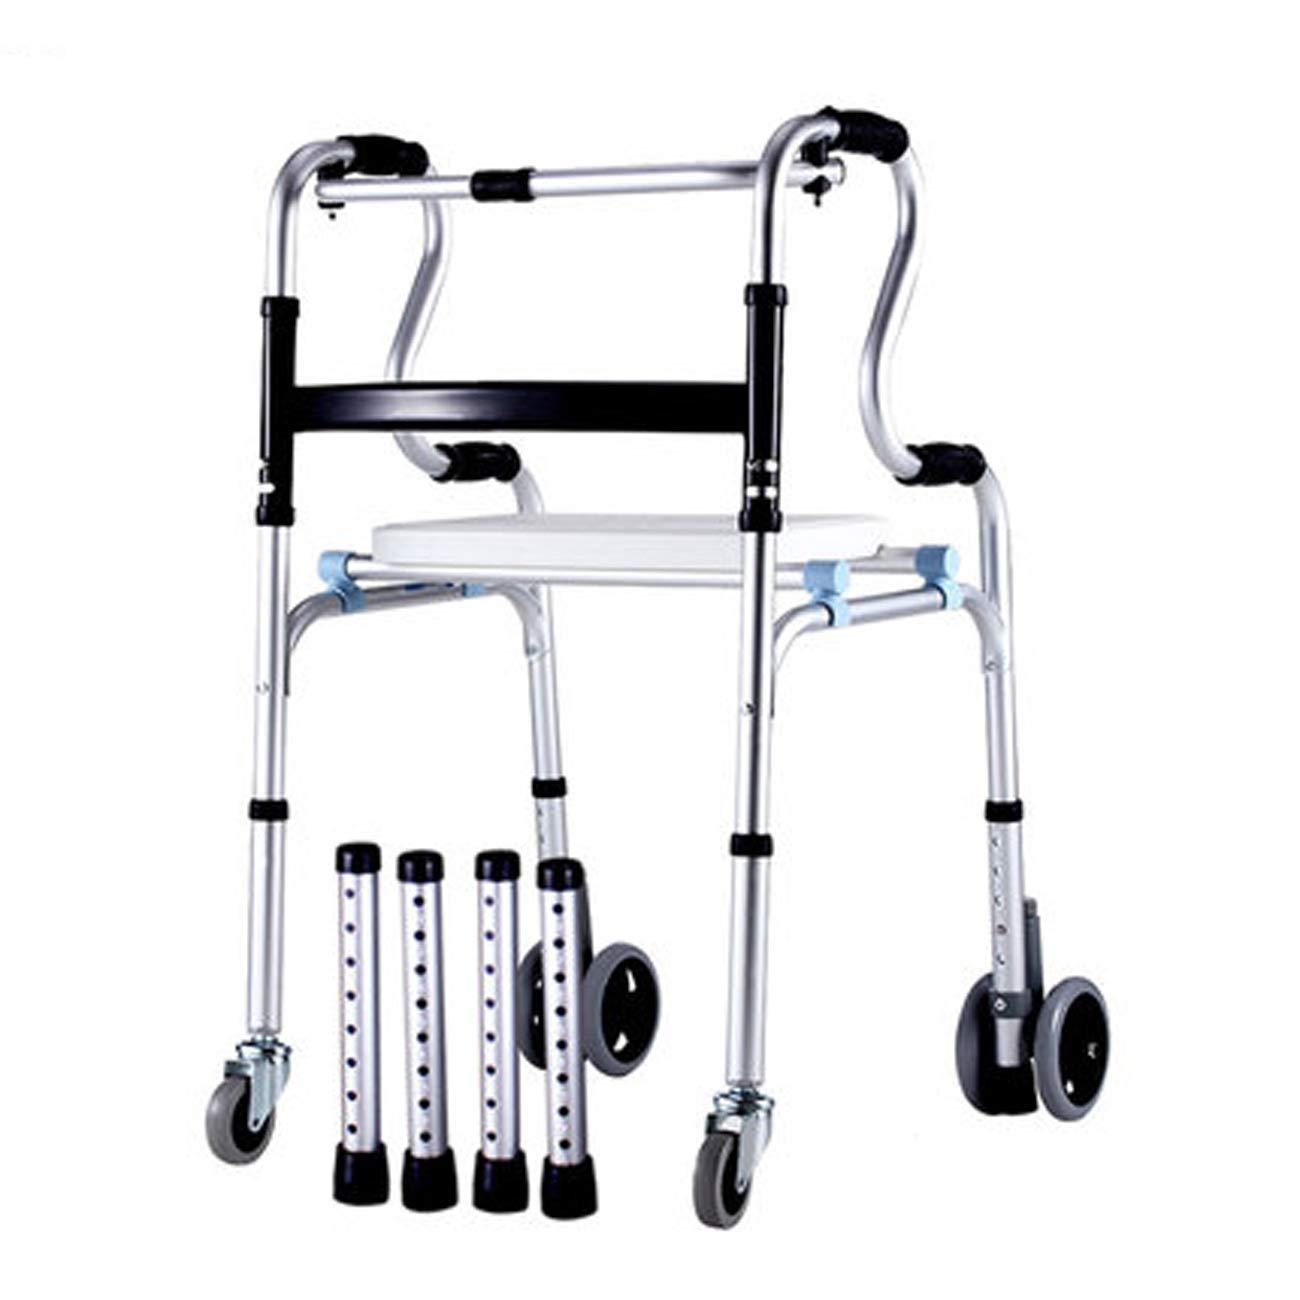 素晴らしい 高齢者ウォーカー B07L2L14D5、アルミ合金ウォーキングウォーカー B) B、キャスター付き4人乗り補助歩行器 (設計 : B) B B07L2L14D5, 豊田町:5ff84788 --- a0267596.xsph.ru